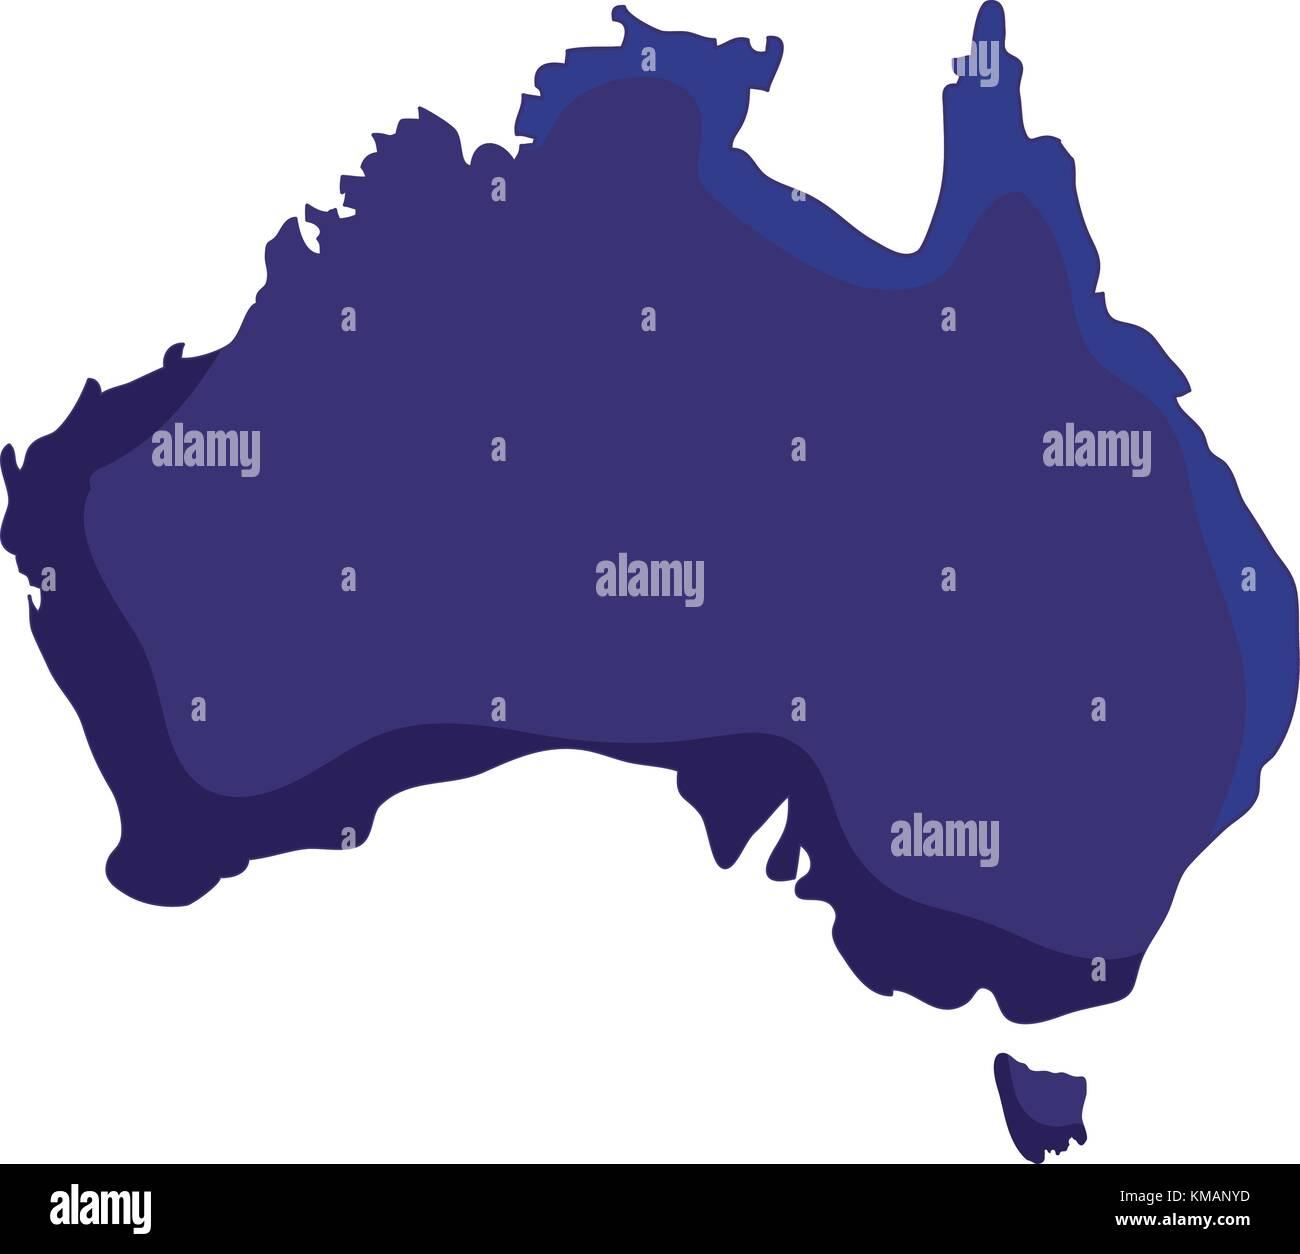 Australia Country Map.Australia Country Map Icon Stock Vector Art Illustration Vector